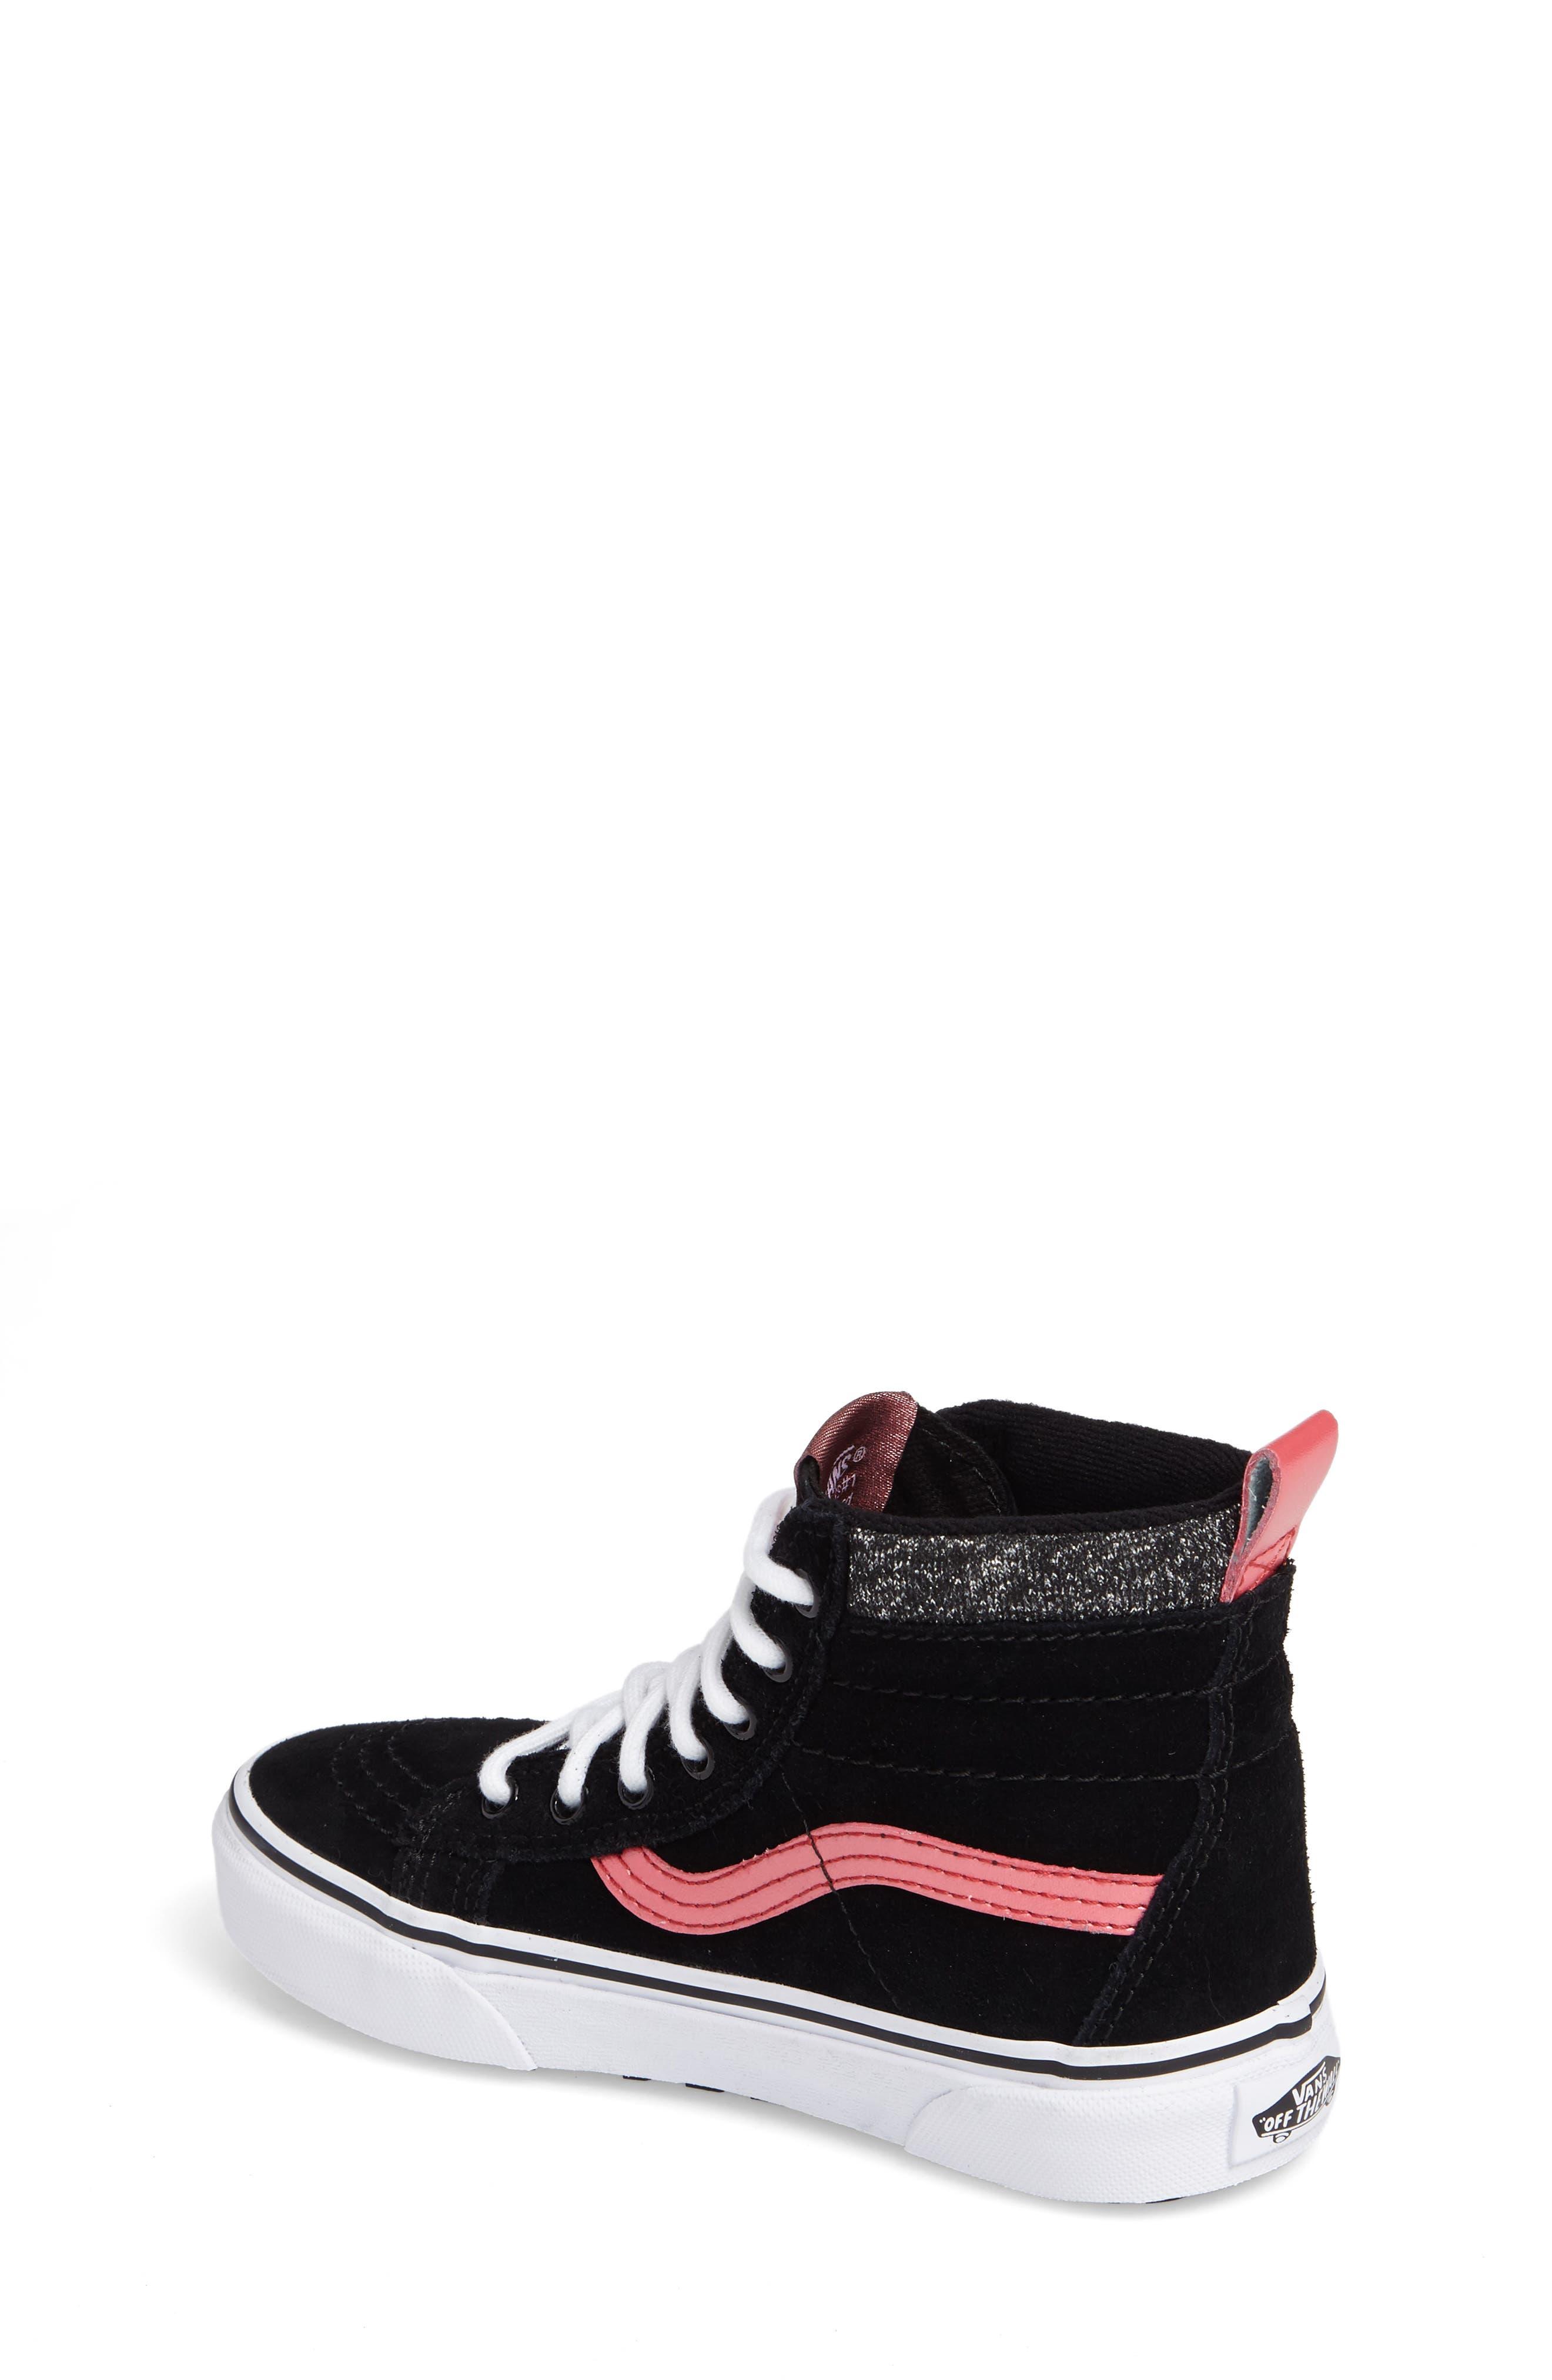 SK8-Hi Sneaker,                             Alternate thumbnail 2, color,                             001